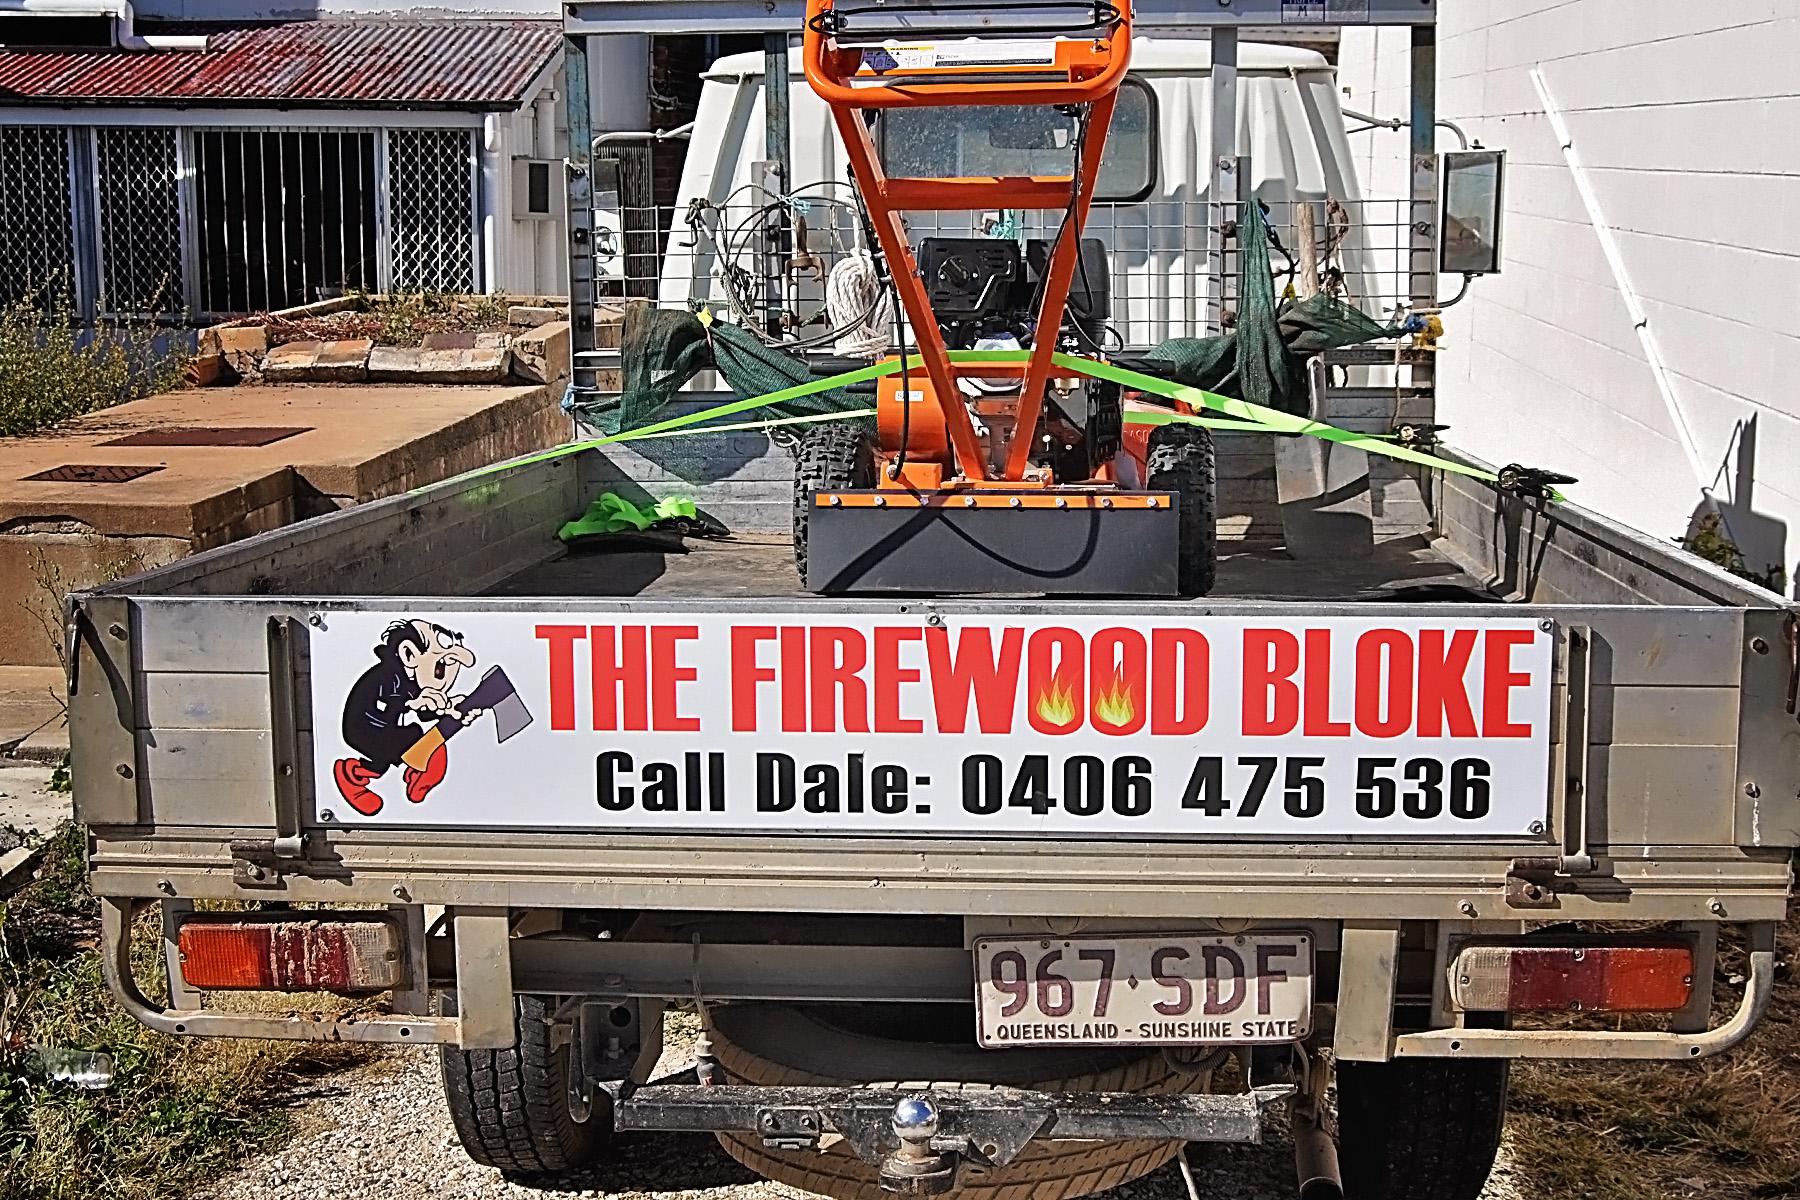 Firewood Black acp ute signage